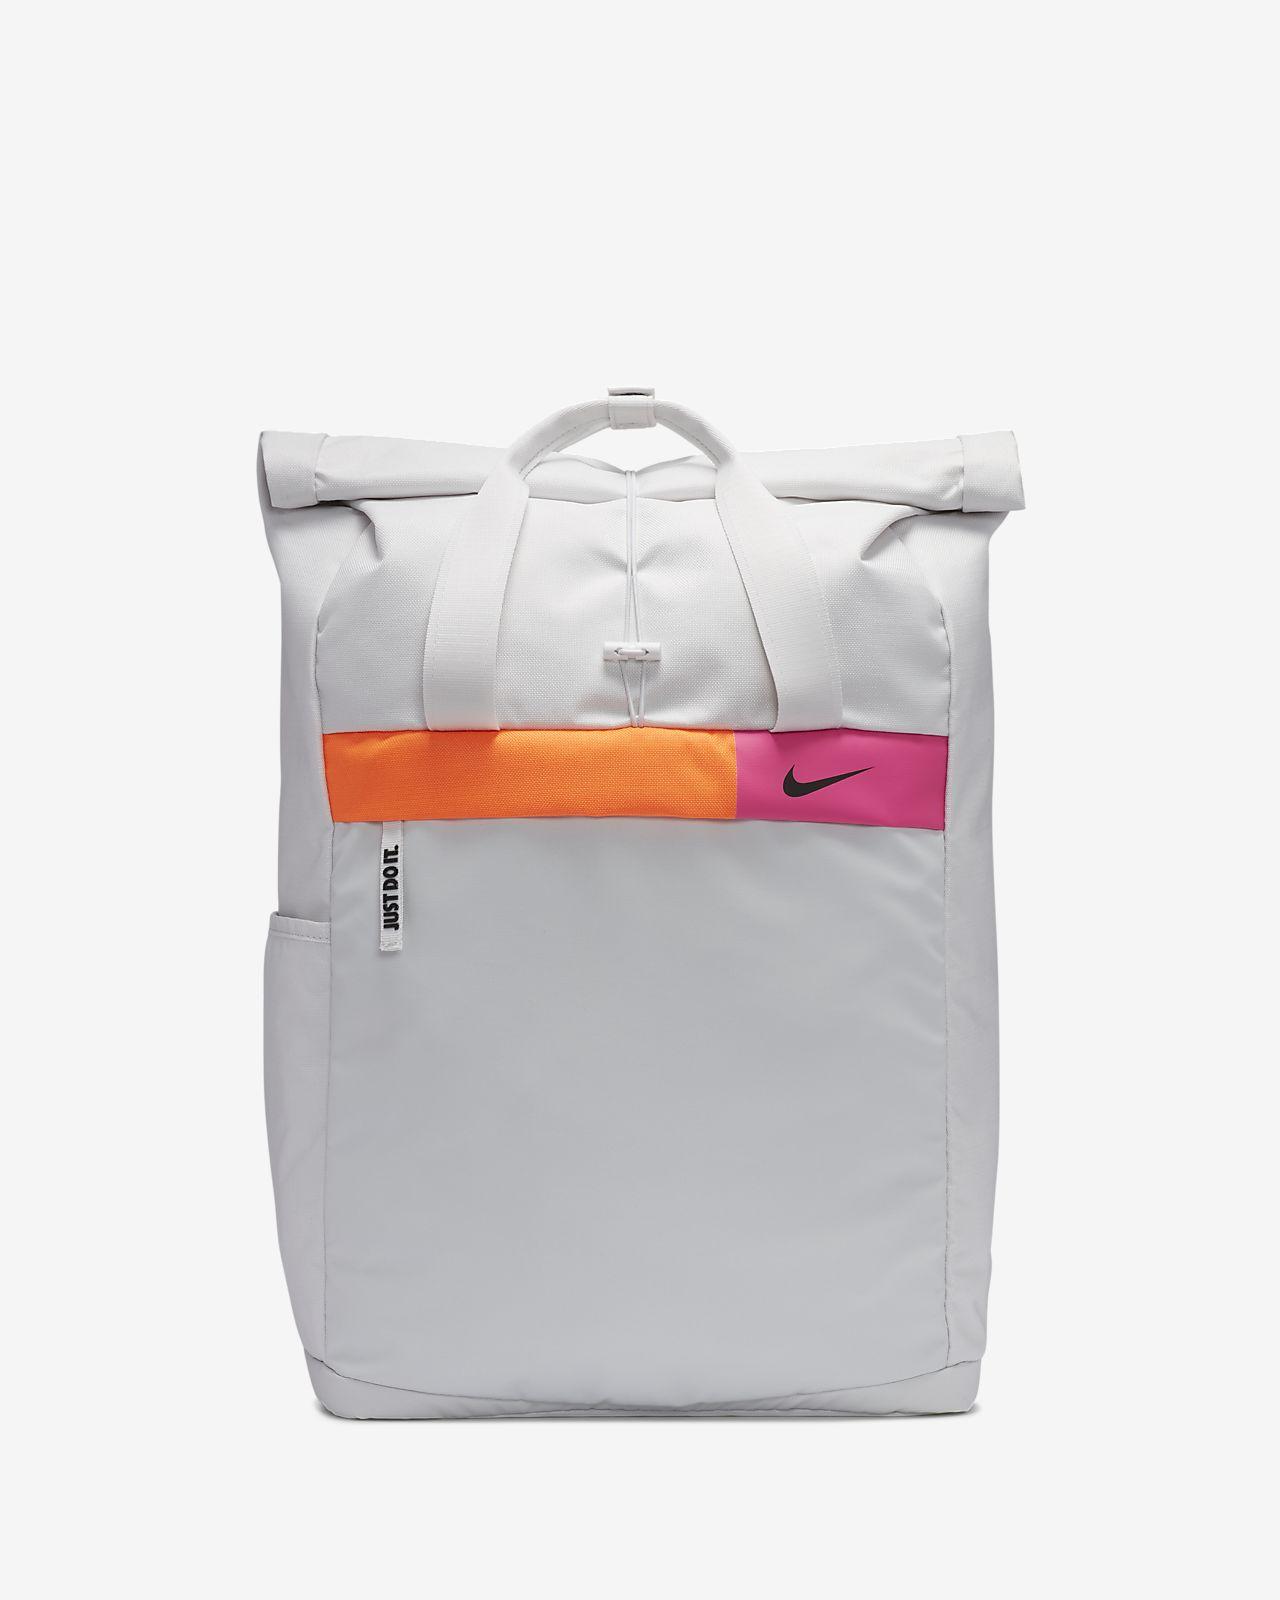 Nike Radiate ryggsekk til dame med grafikk